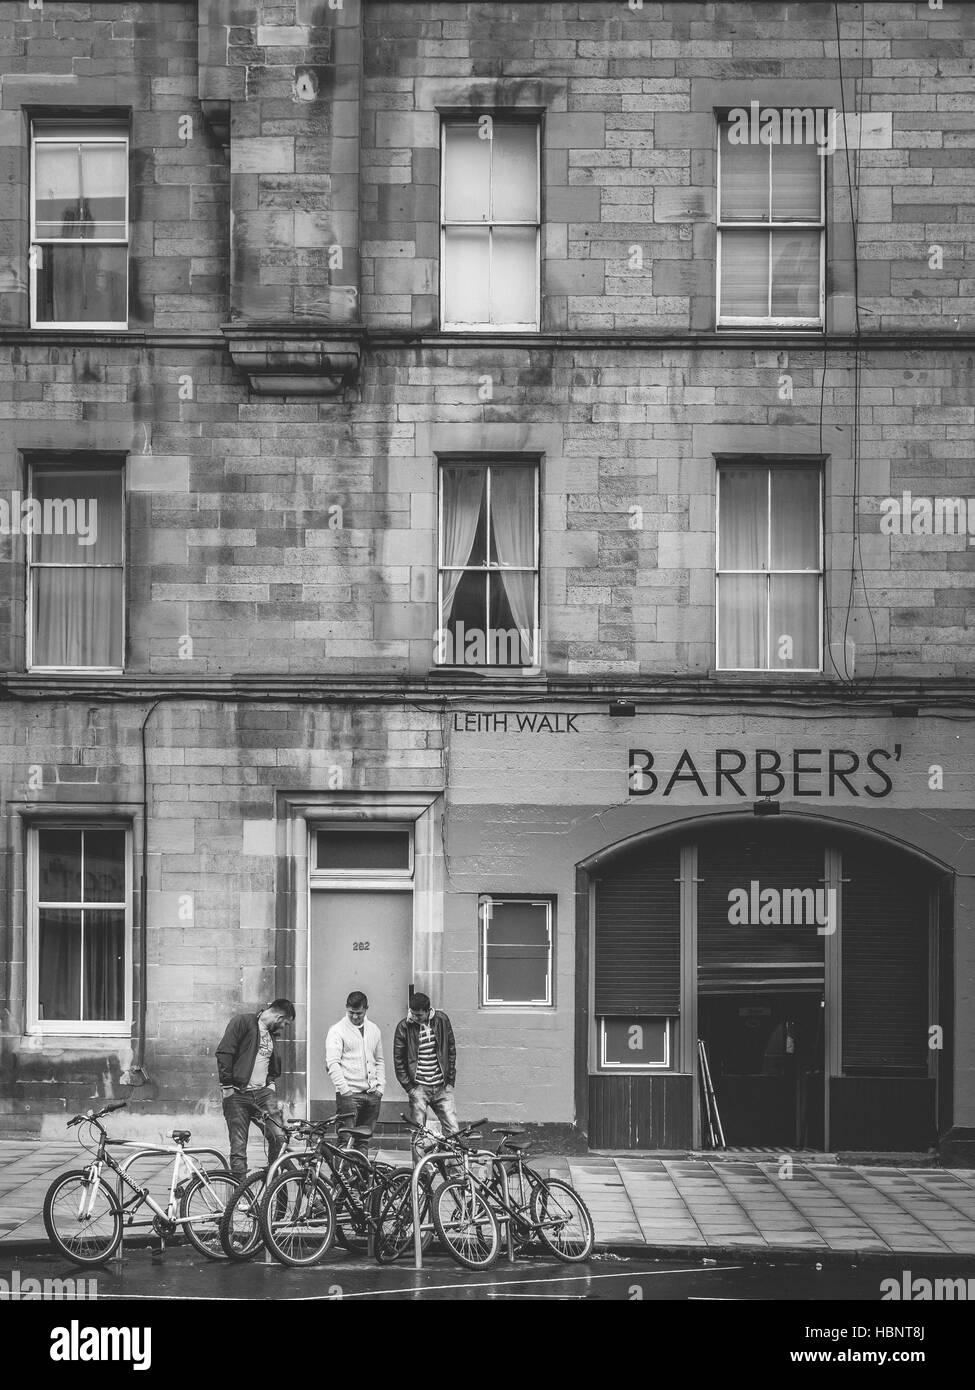 Edinburgh street scene - Stock Image